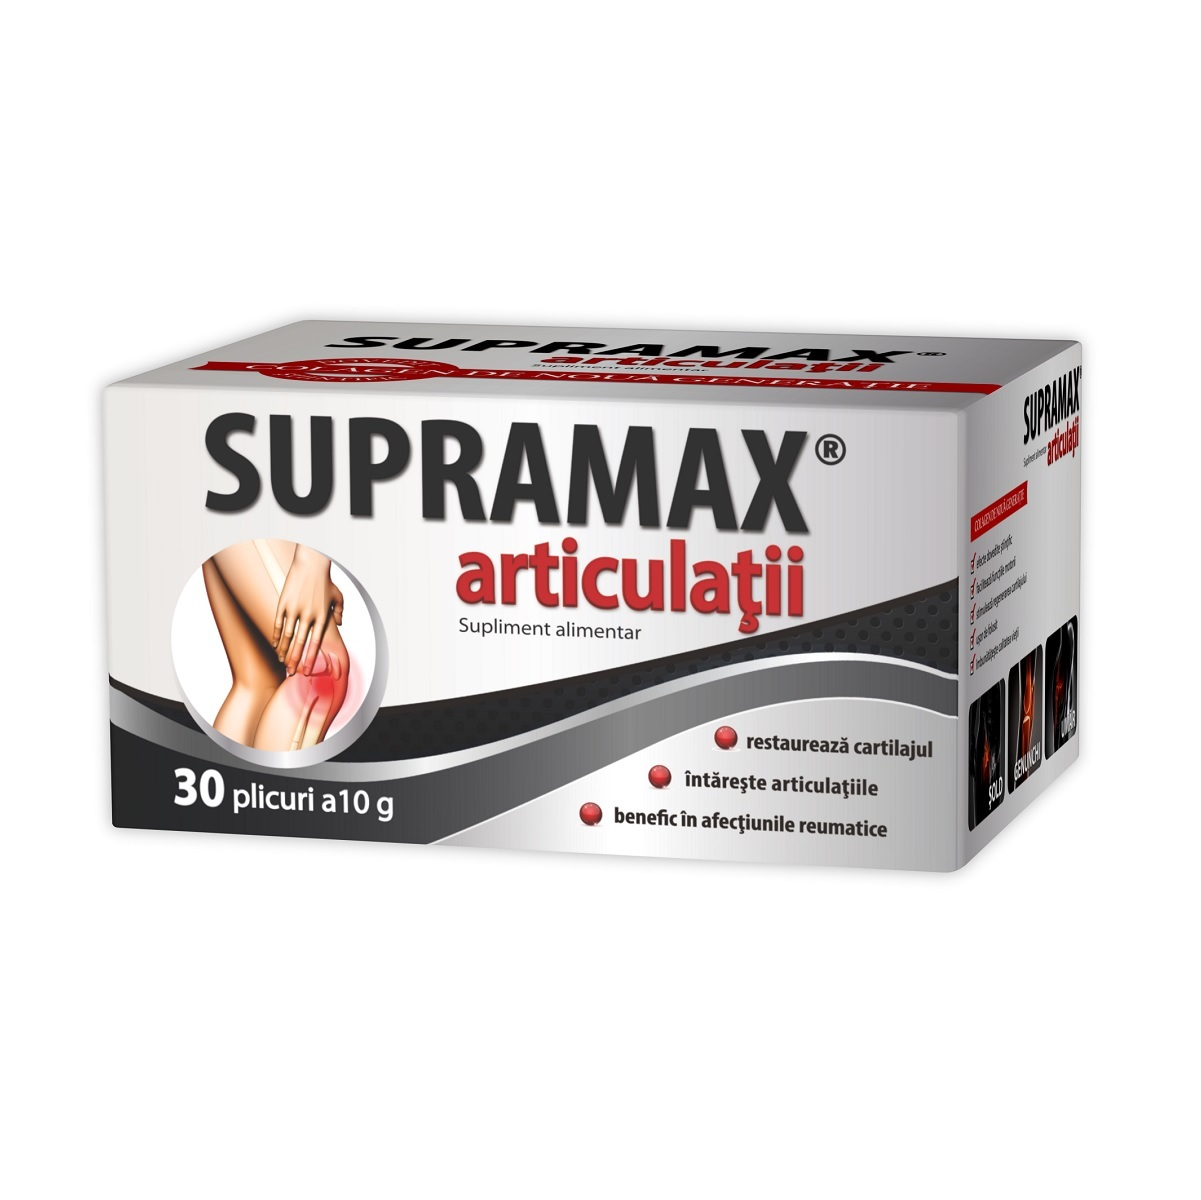 supliment alimentar pt articulatii ce este mai bun artra sau glucosamina condroitină